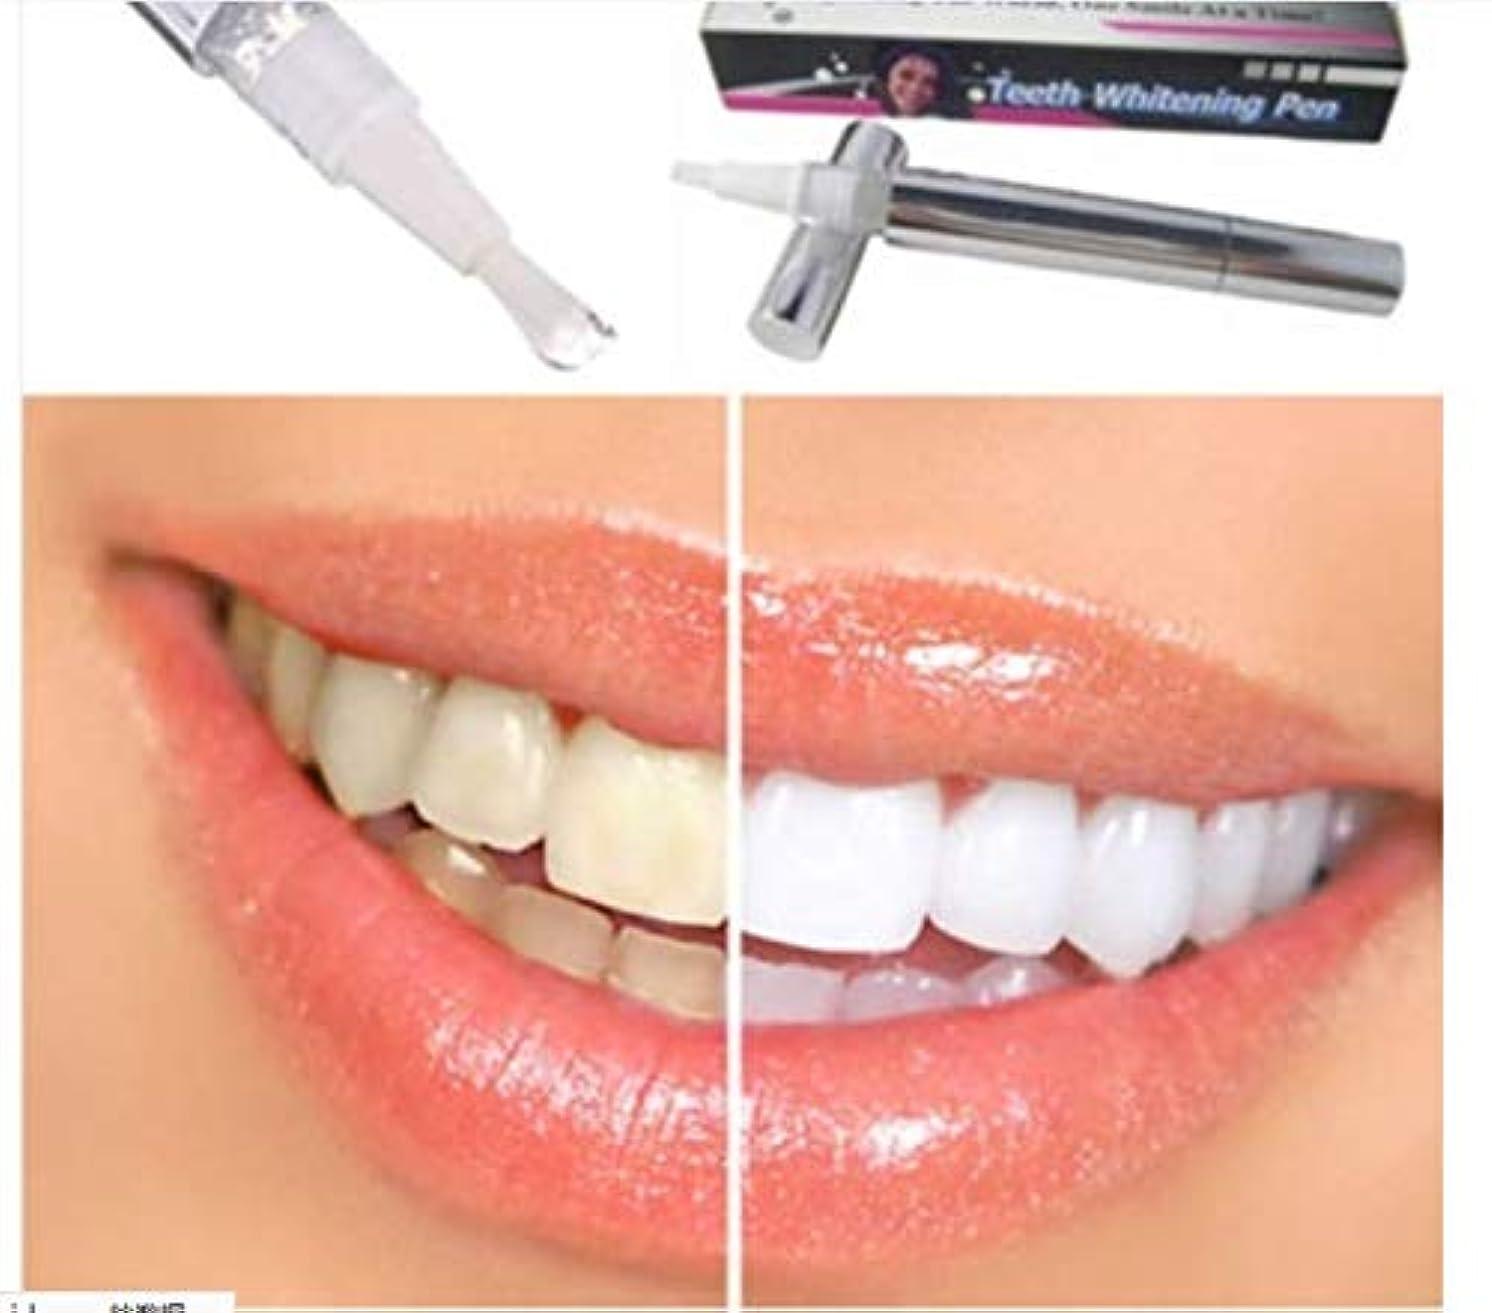 無力セメント残りホワイトニングペン型真っ白な歯 ホワイトニングペン 歯の白い漂白剤 瞬間汚れ消しゴムリムーバー